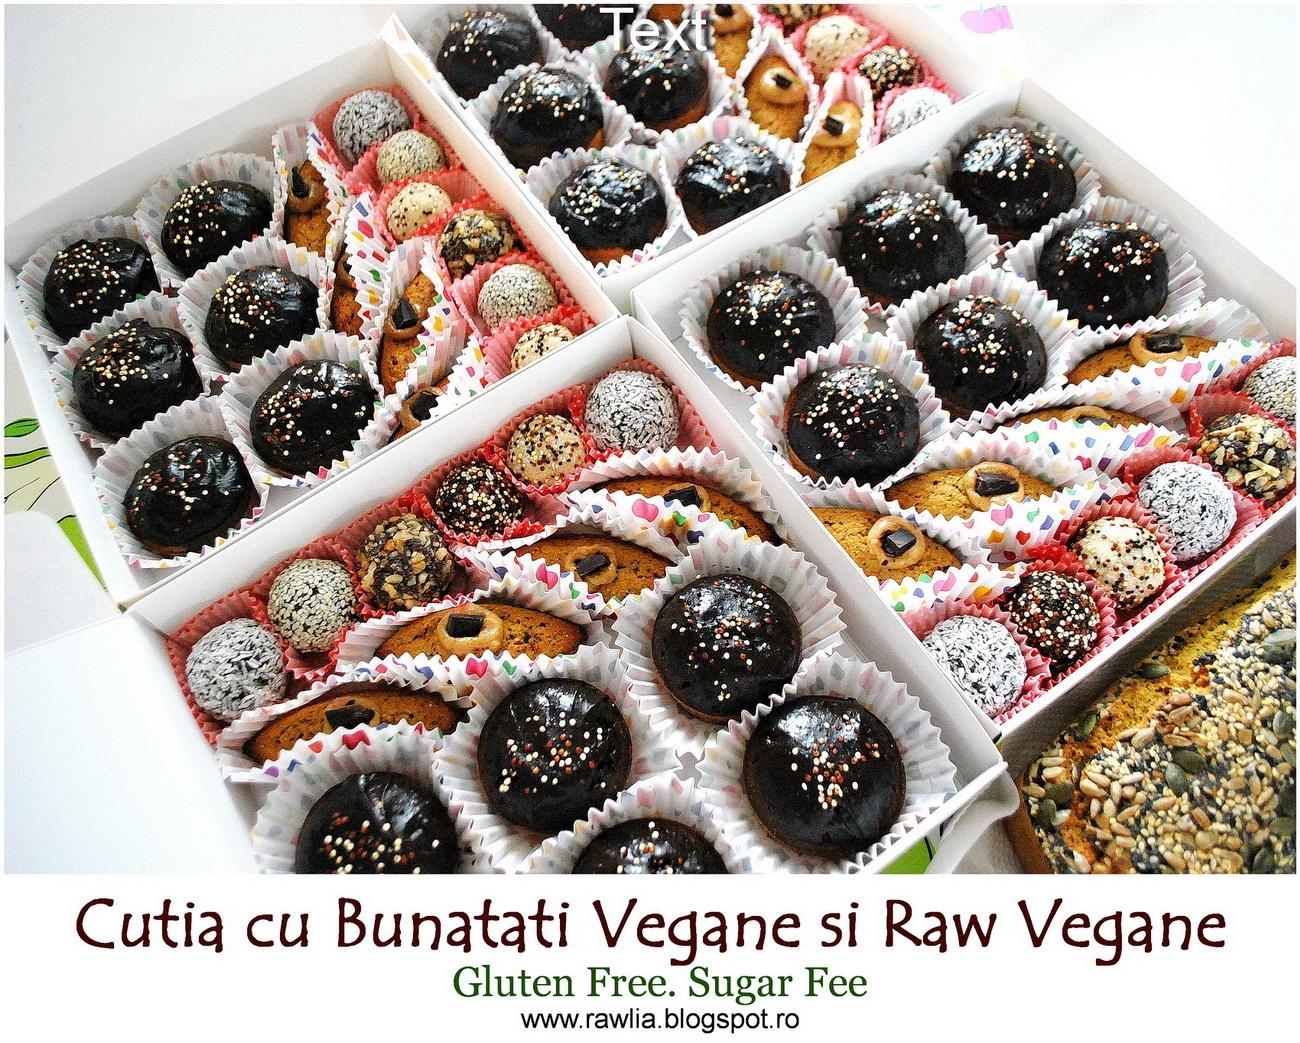 Cutia cu Bunătăți Vegane și Raw Vegane. Gluten free. Comanda la:Tel: 0723.929.757